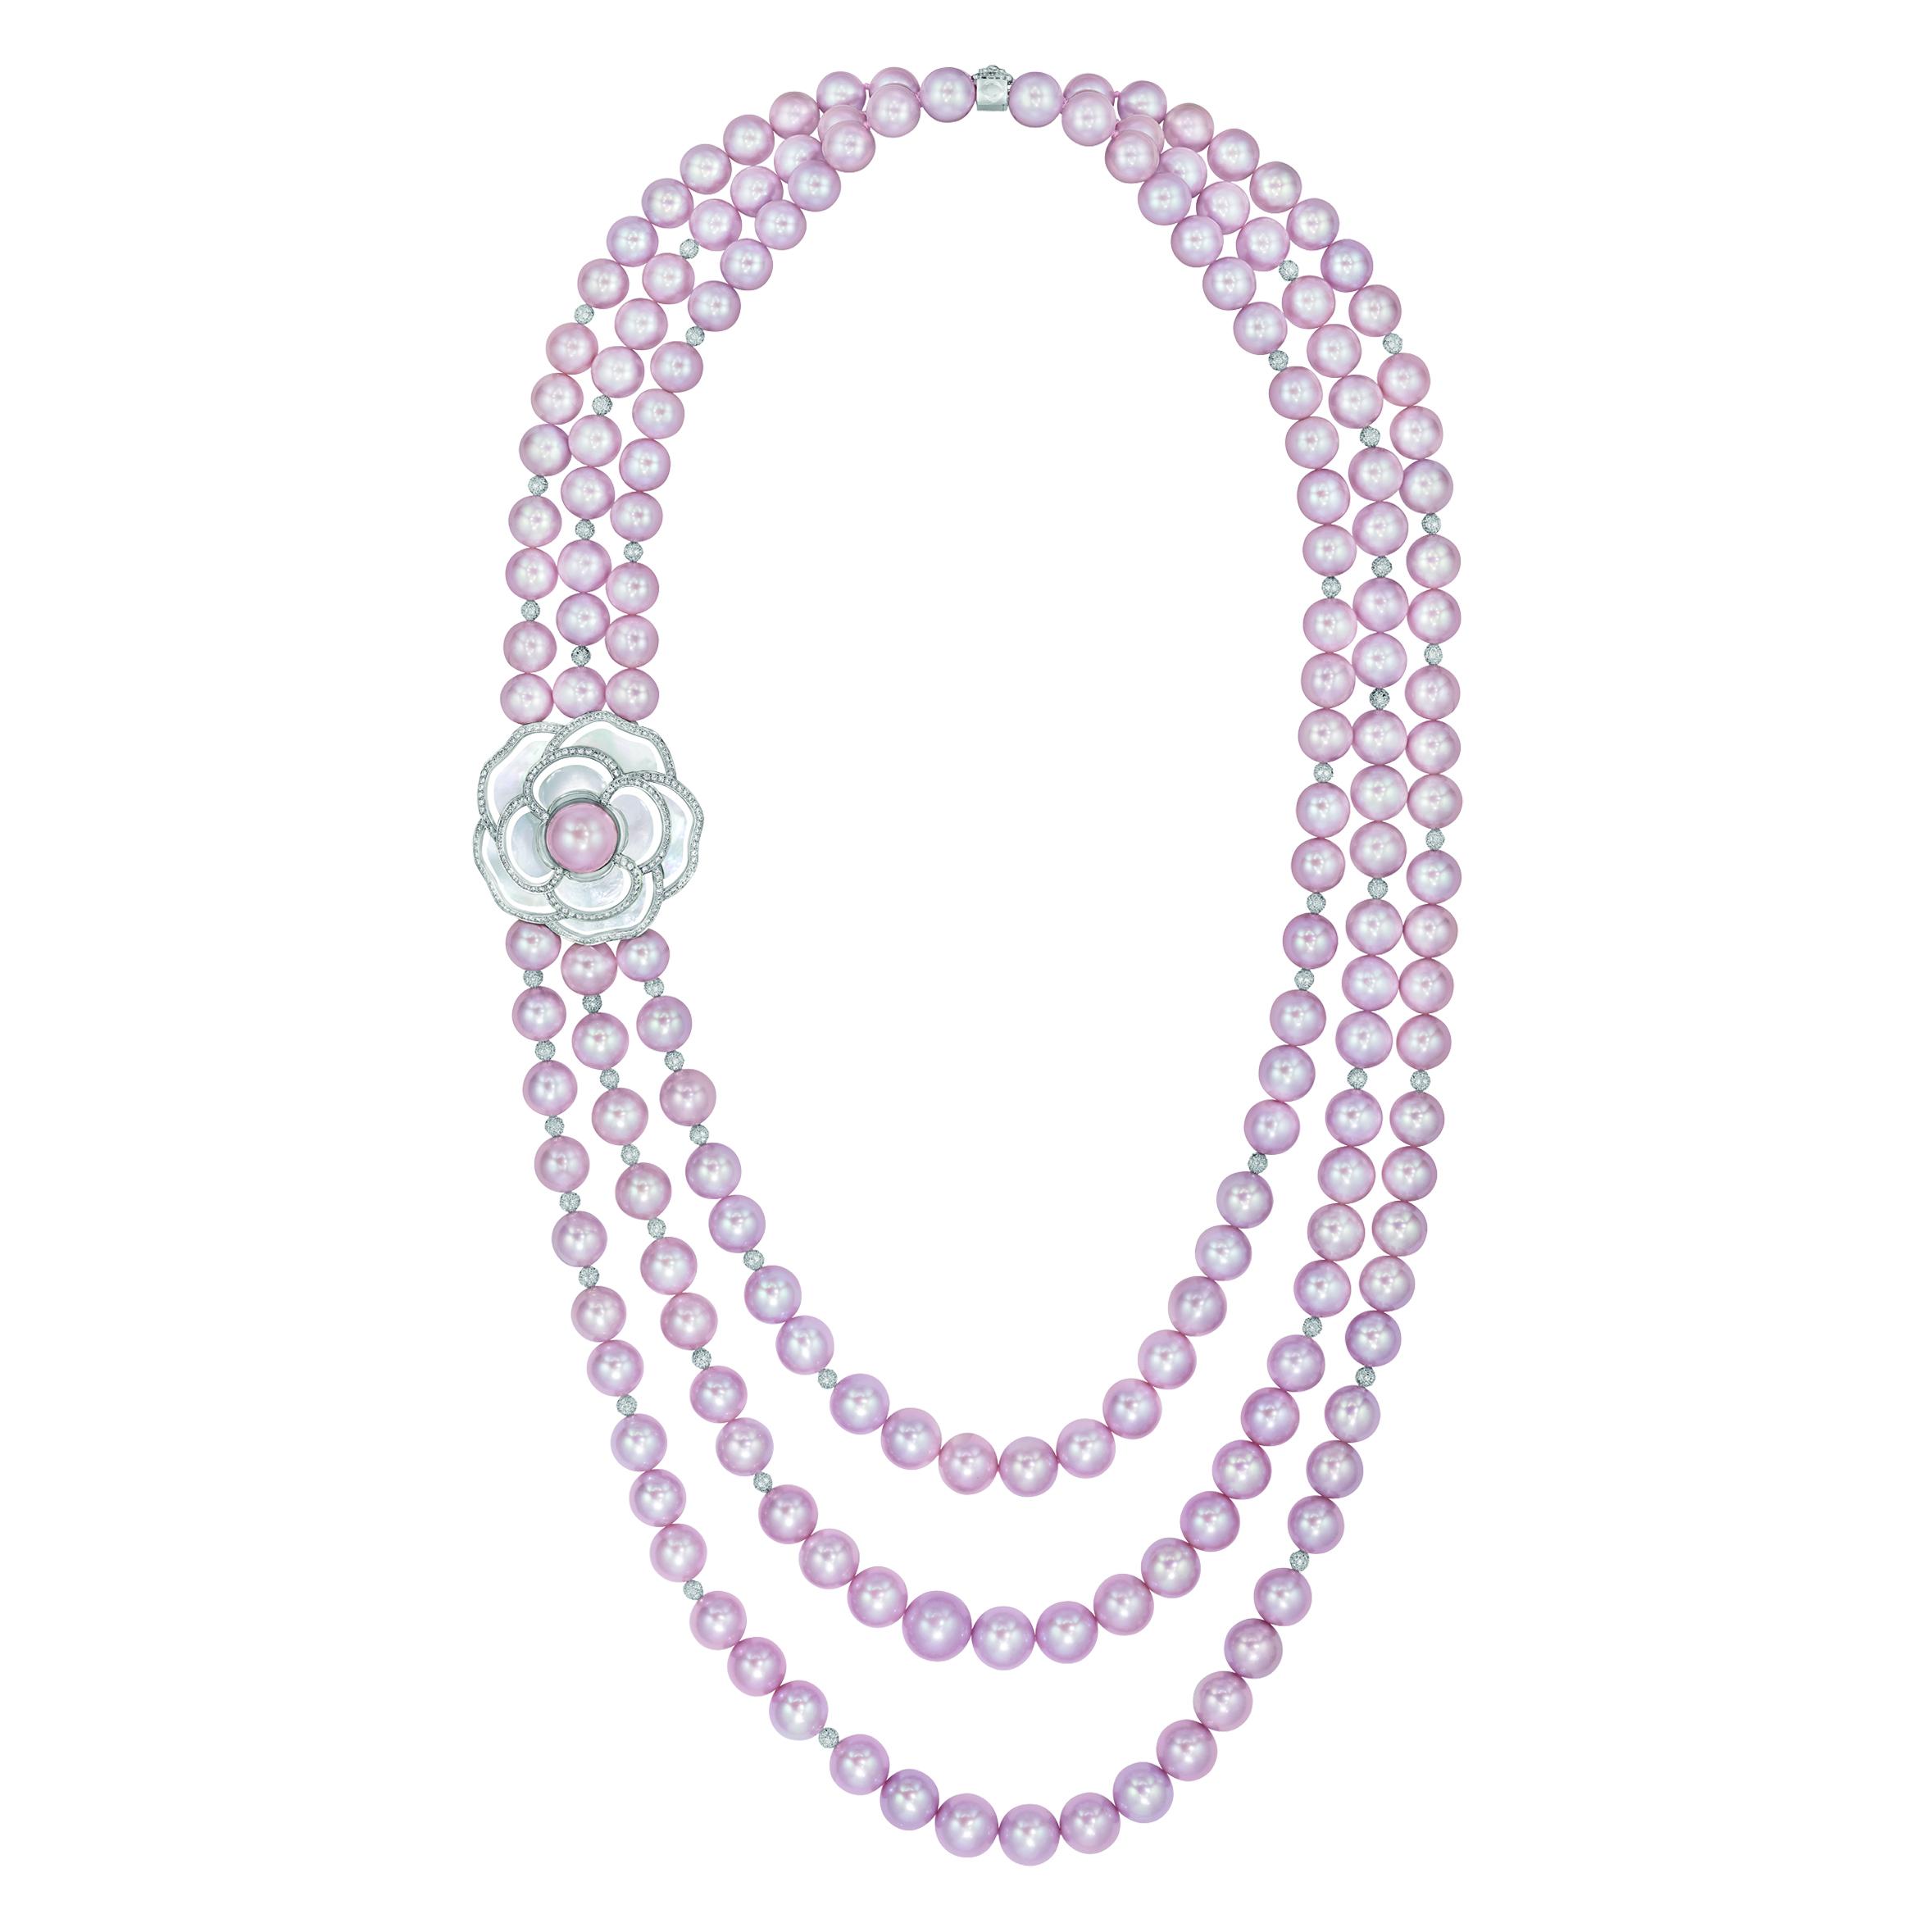 Les perles de chanel haute joaillerie luxsure for Haute joaillerie chanel